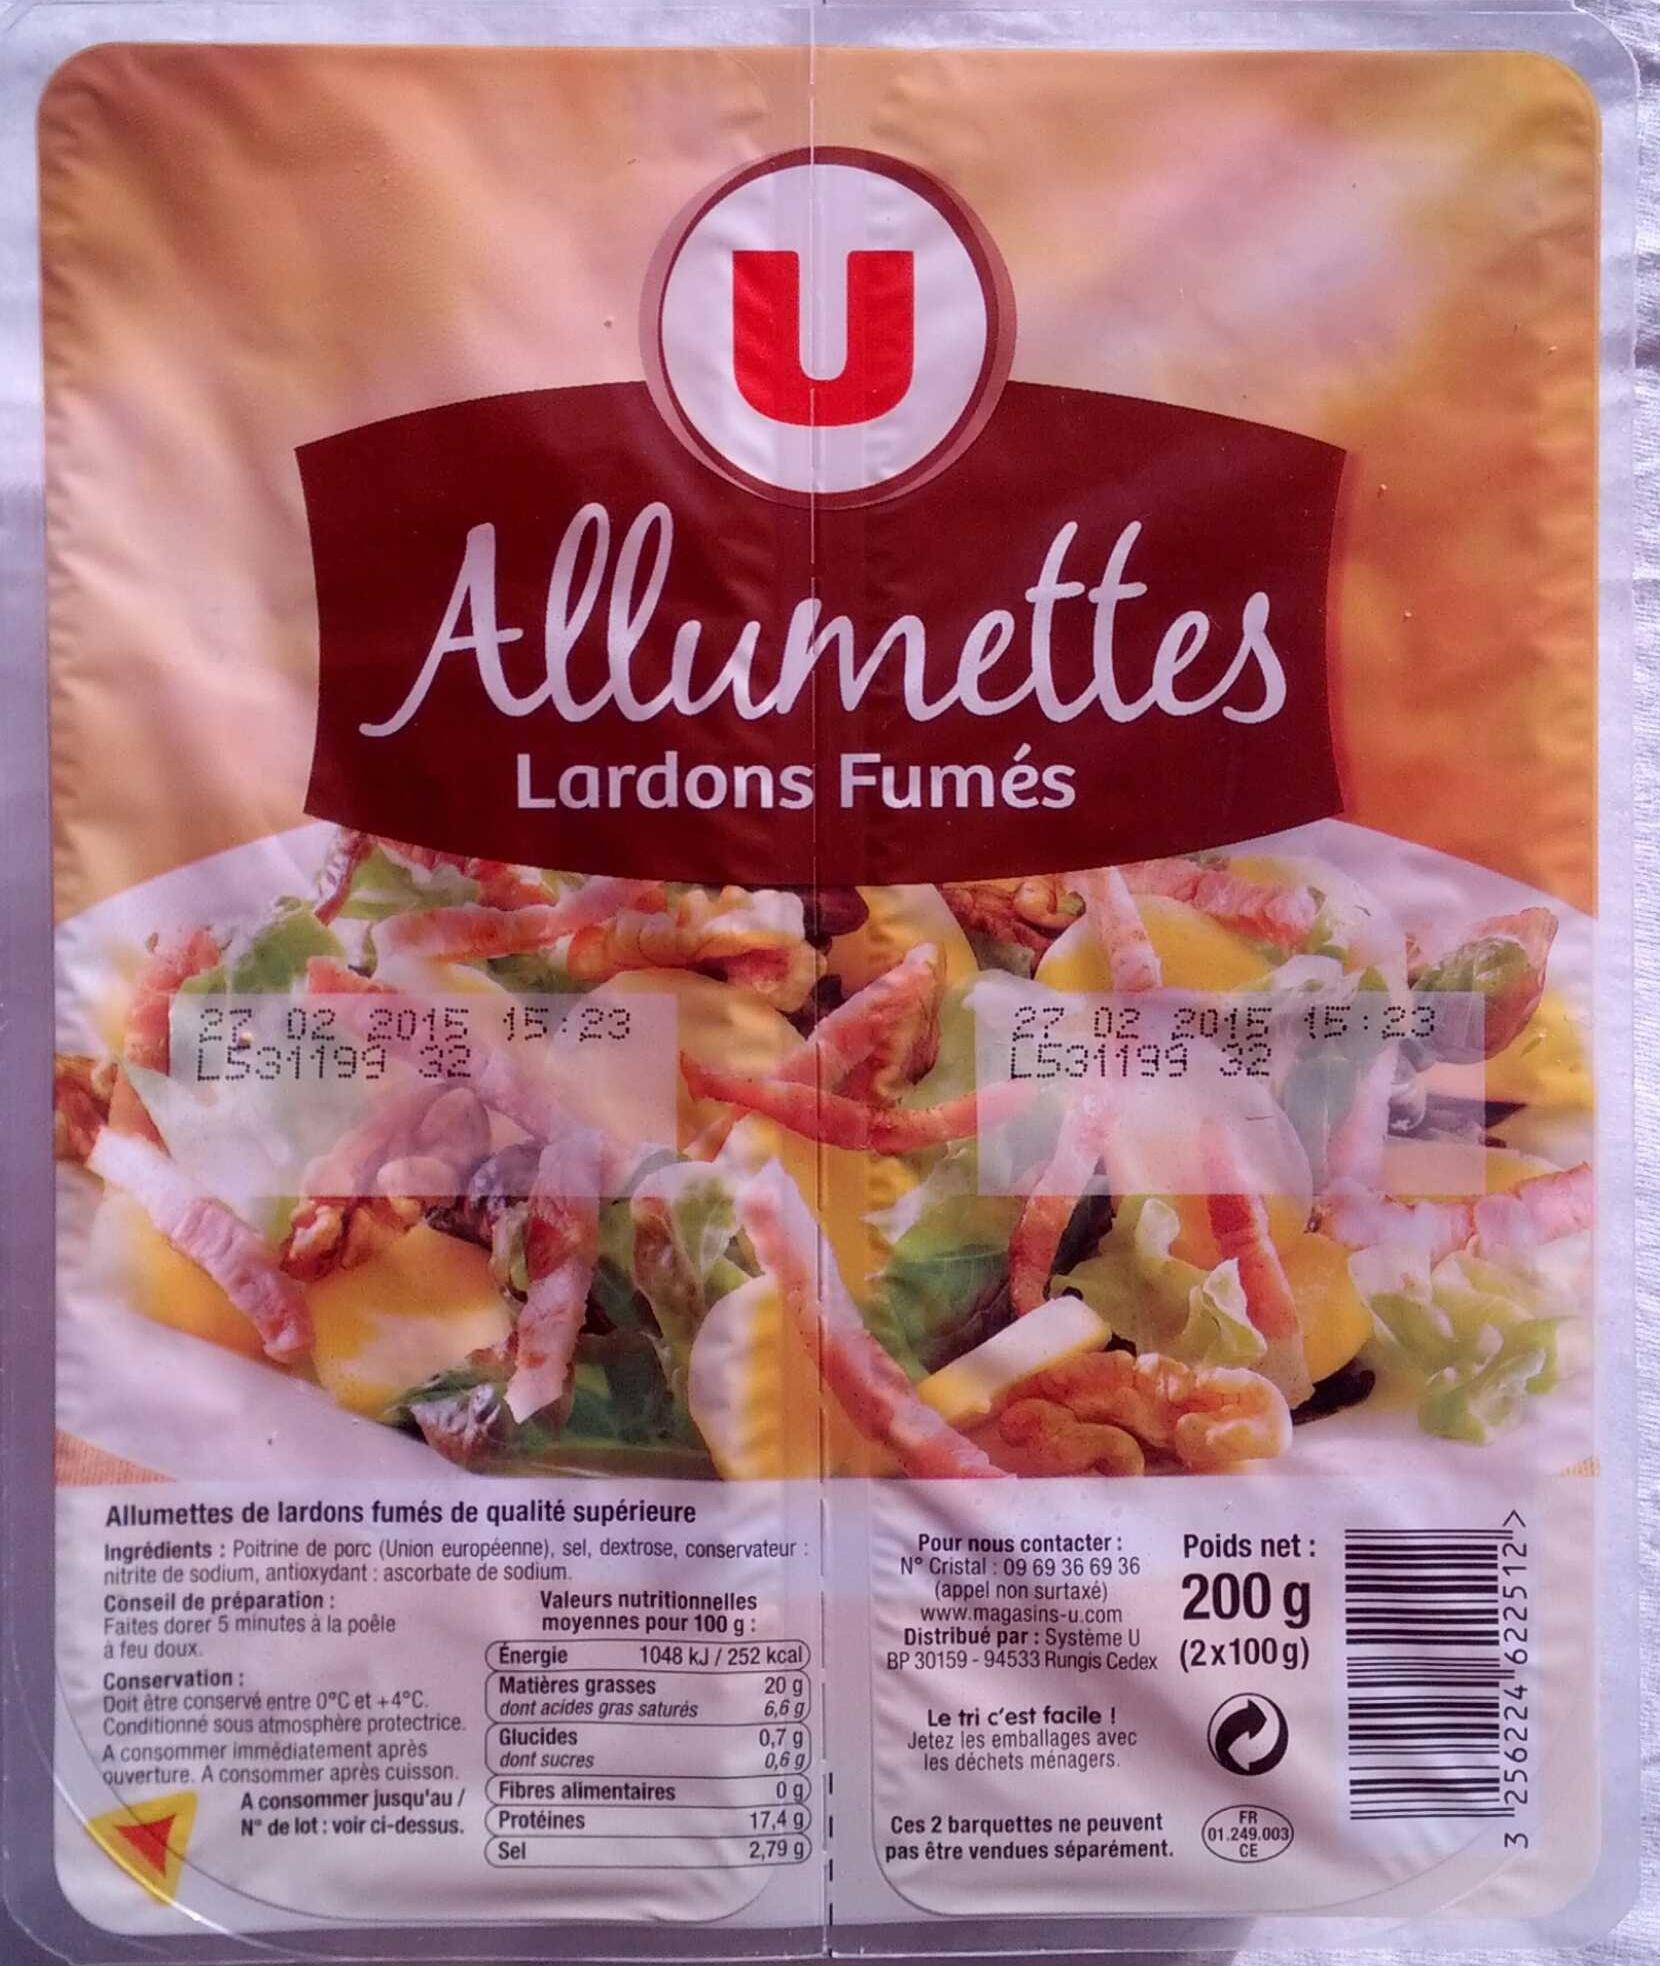 Allumettes Lardon Fumés - Produit - fr